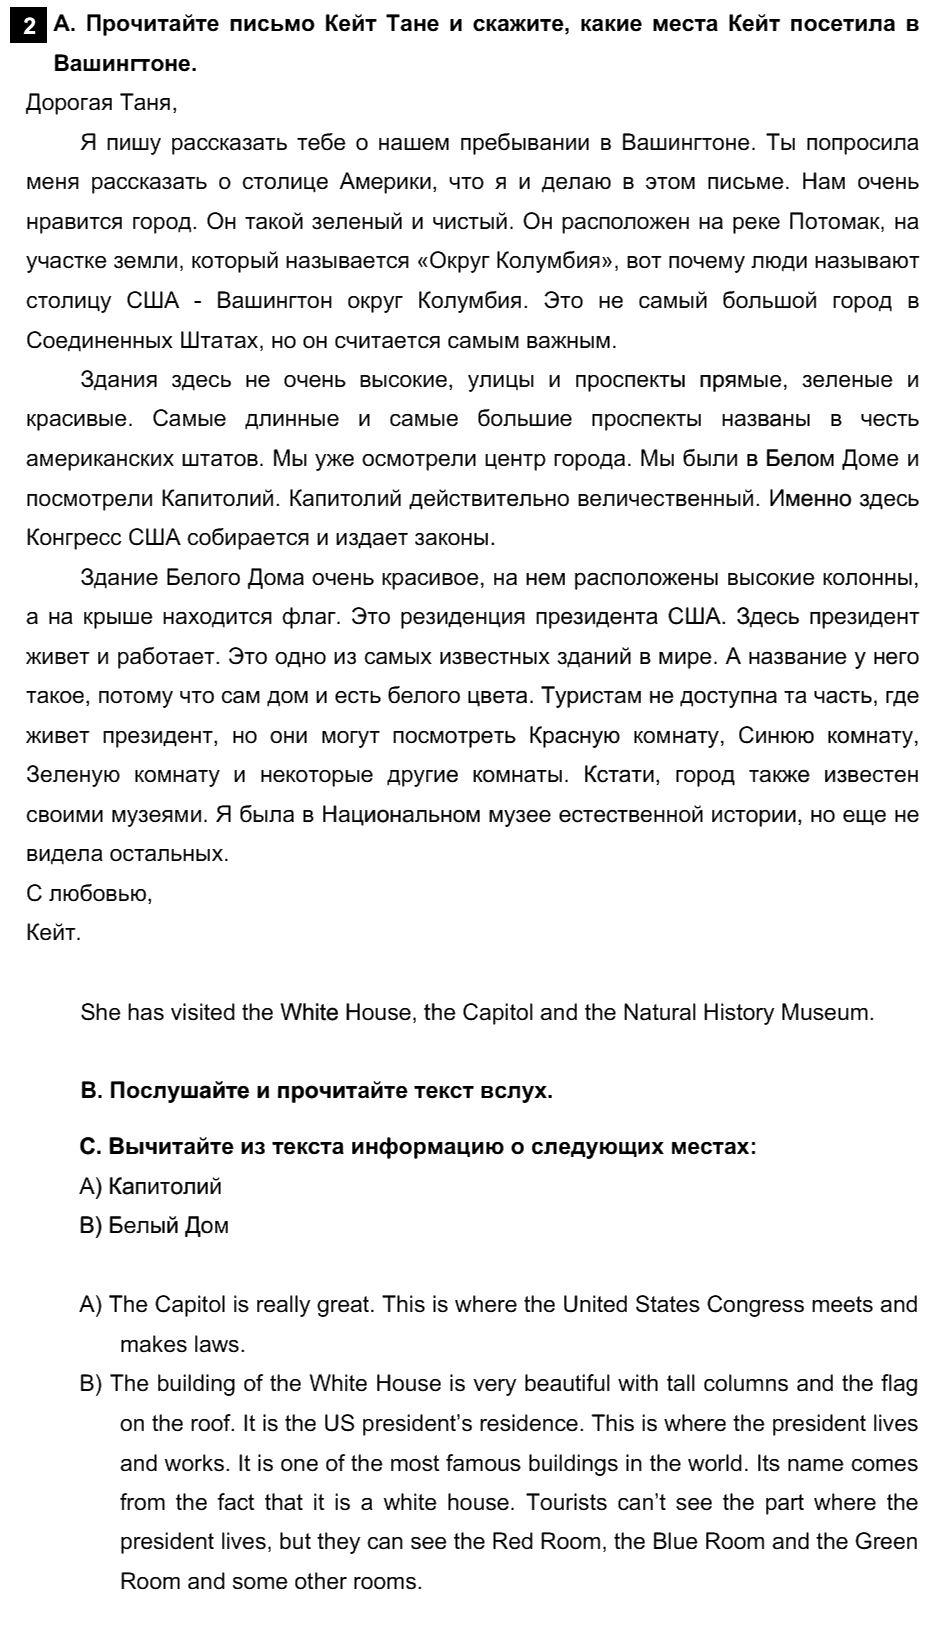 Английский язык 7 класс Афанасьева О. В. Unit 3. Несколько фактов об англоговорящем мире / Шаг 3: 2